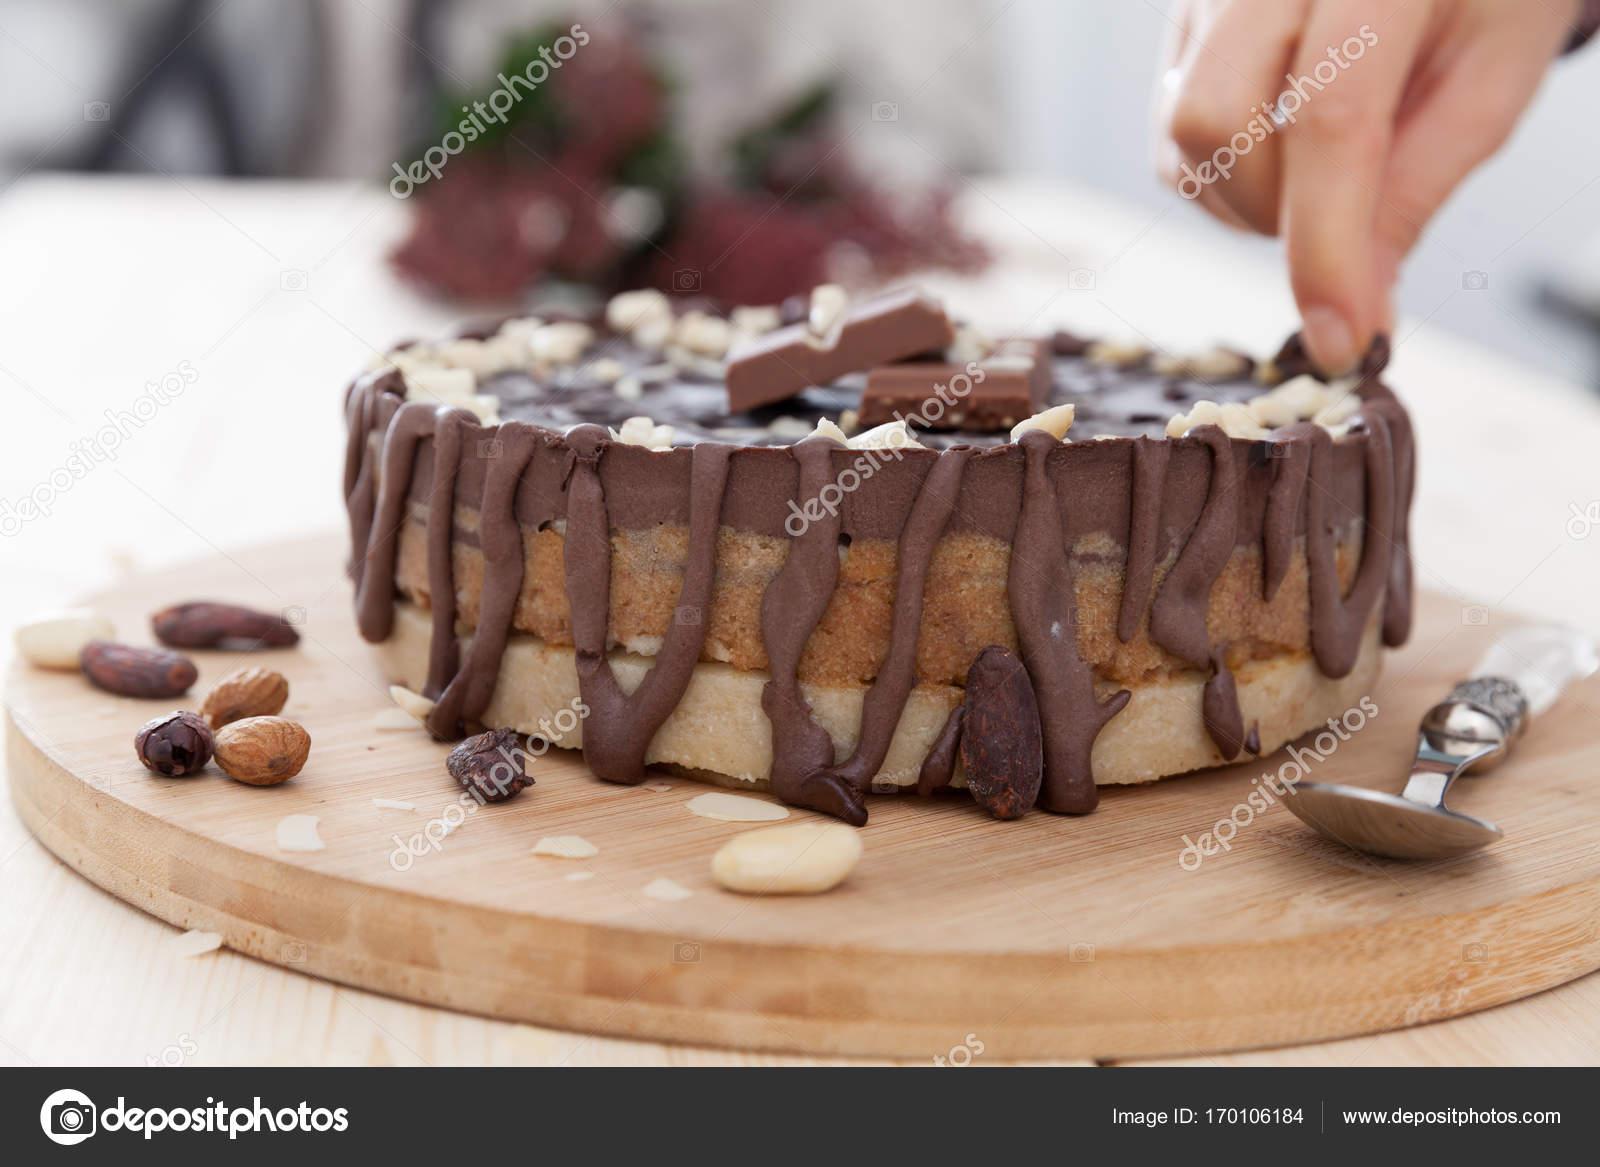 Eine Hand Die Einen Kuchen Dekorieren Stockfoto C Blanaru 170106184